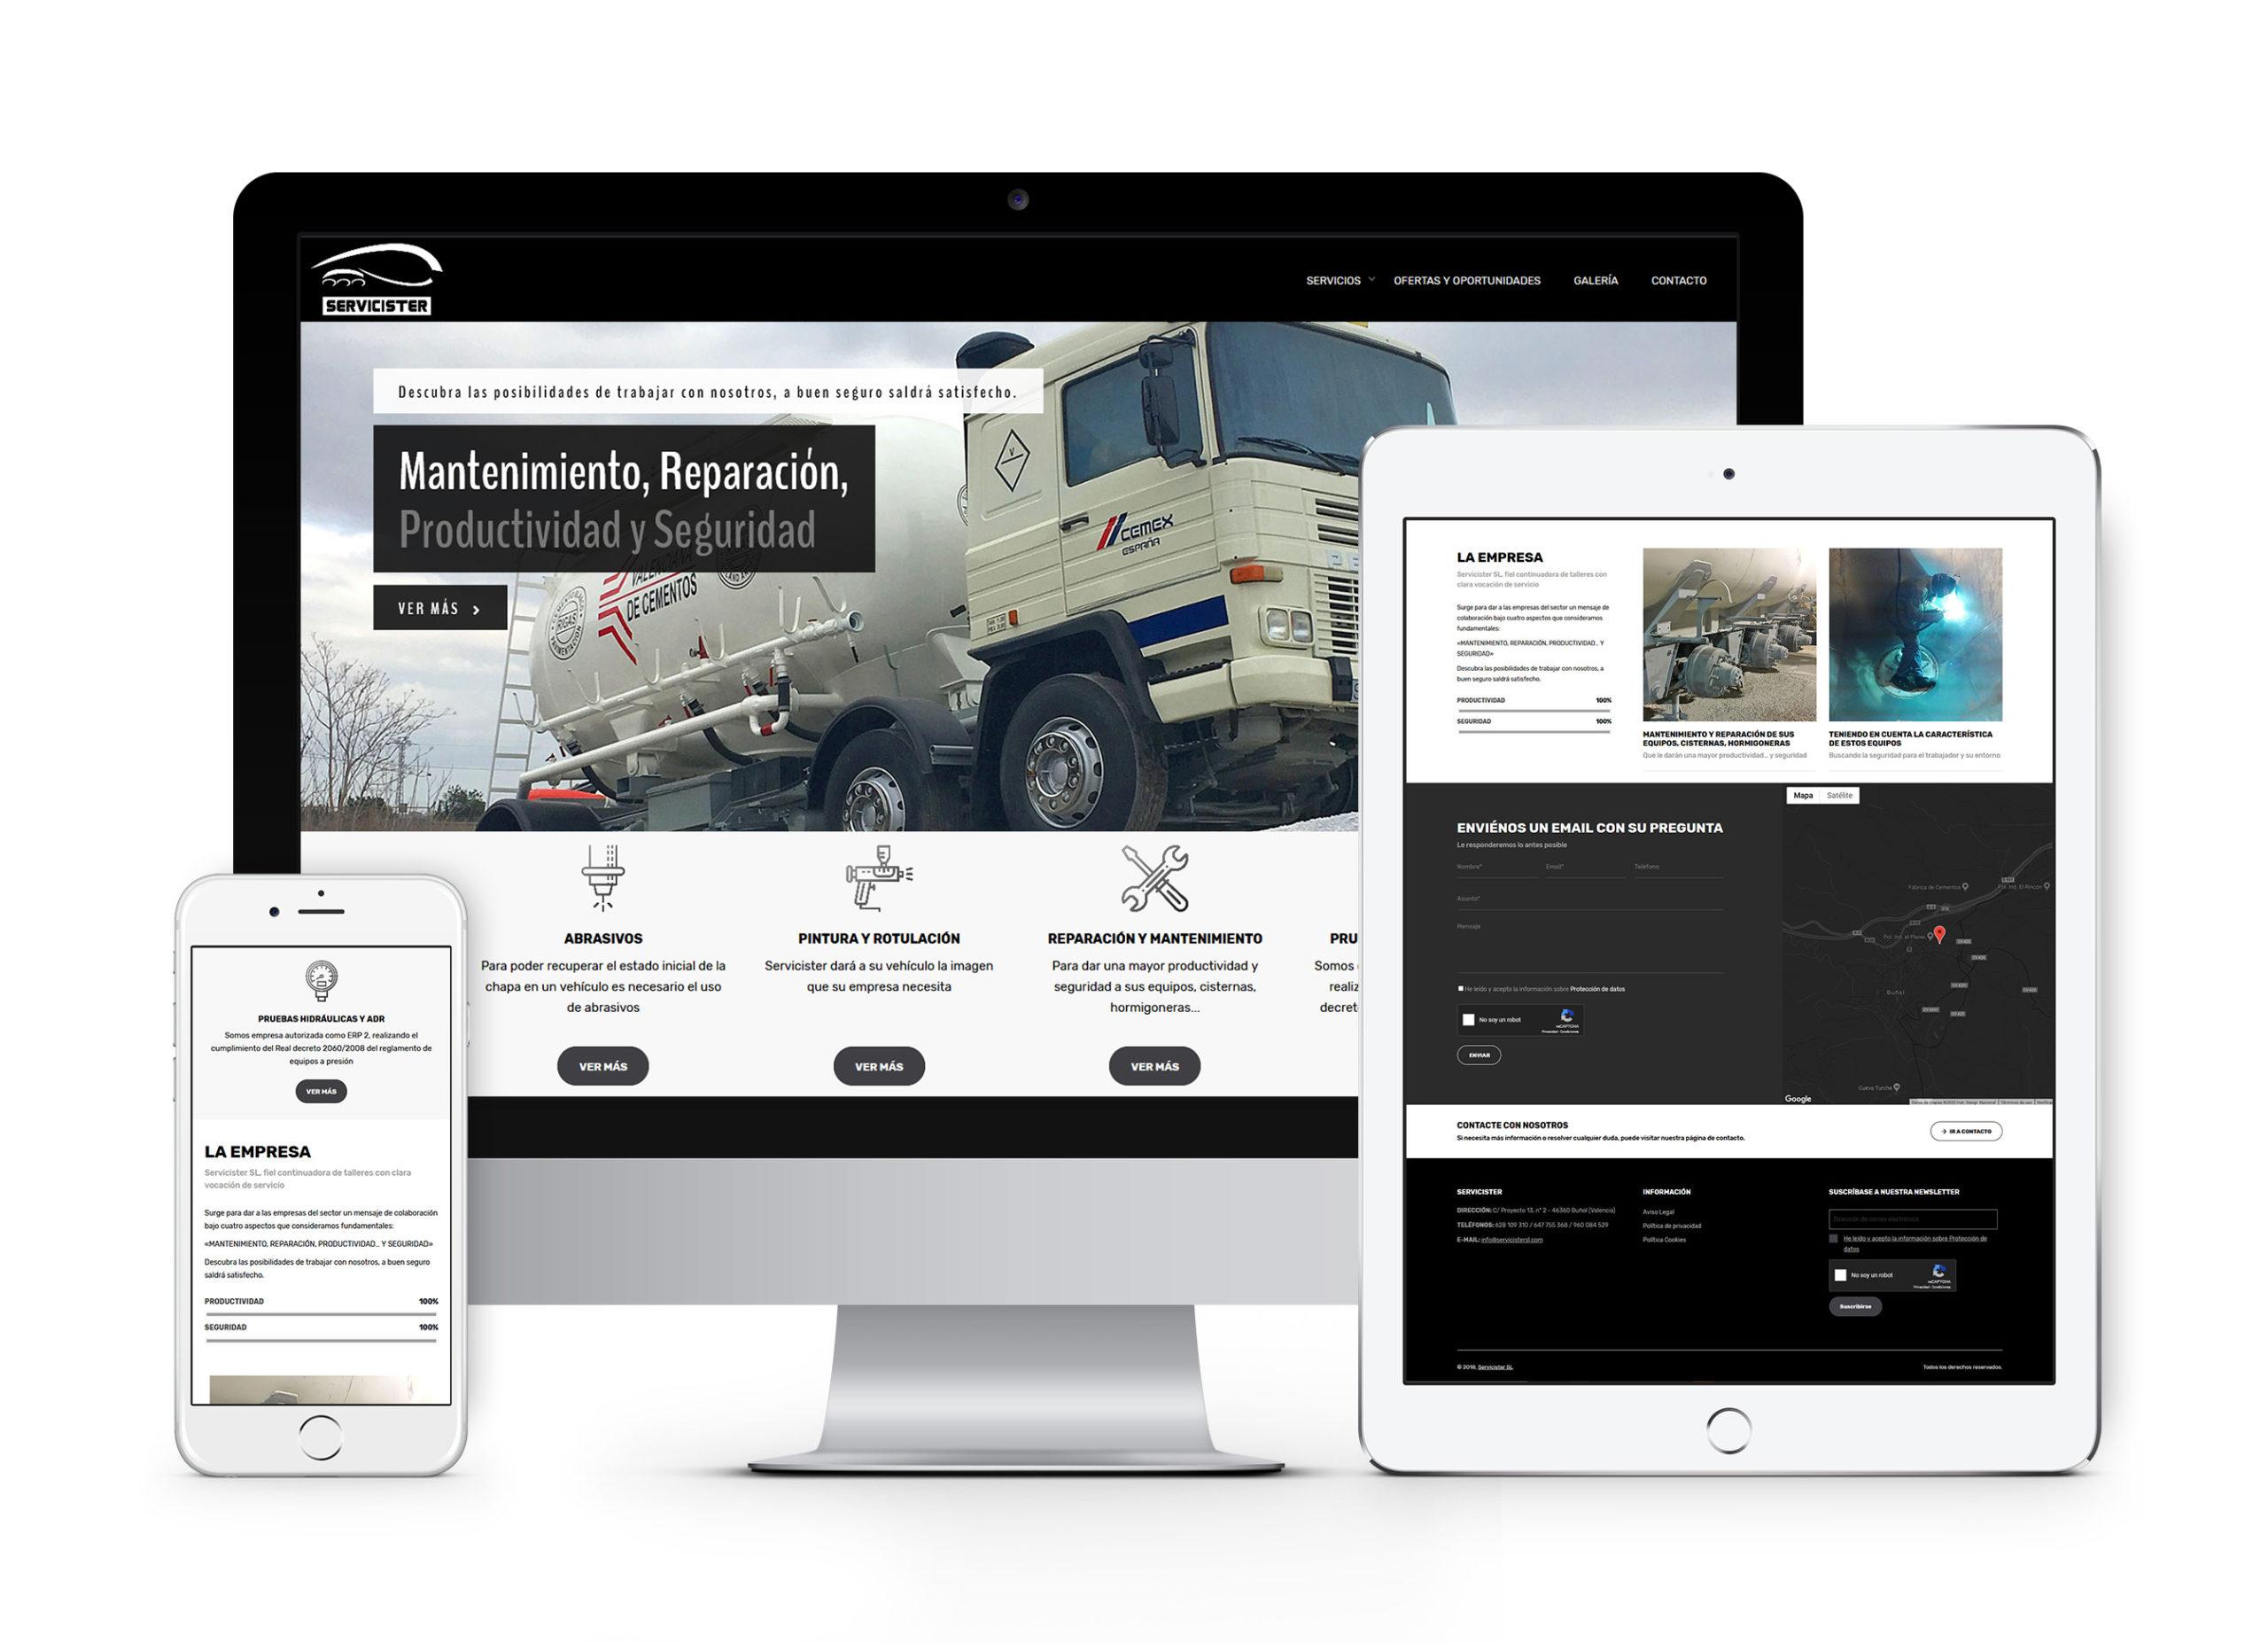 Servicister SL - Diseño web, diseño gráfico y campañas Mailchimp